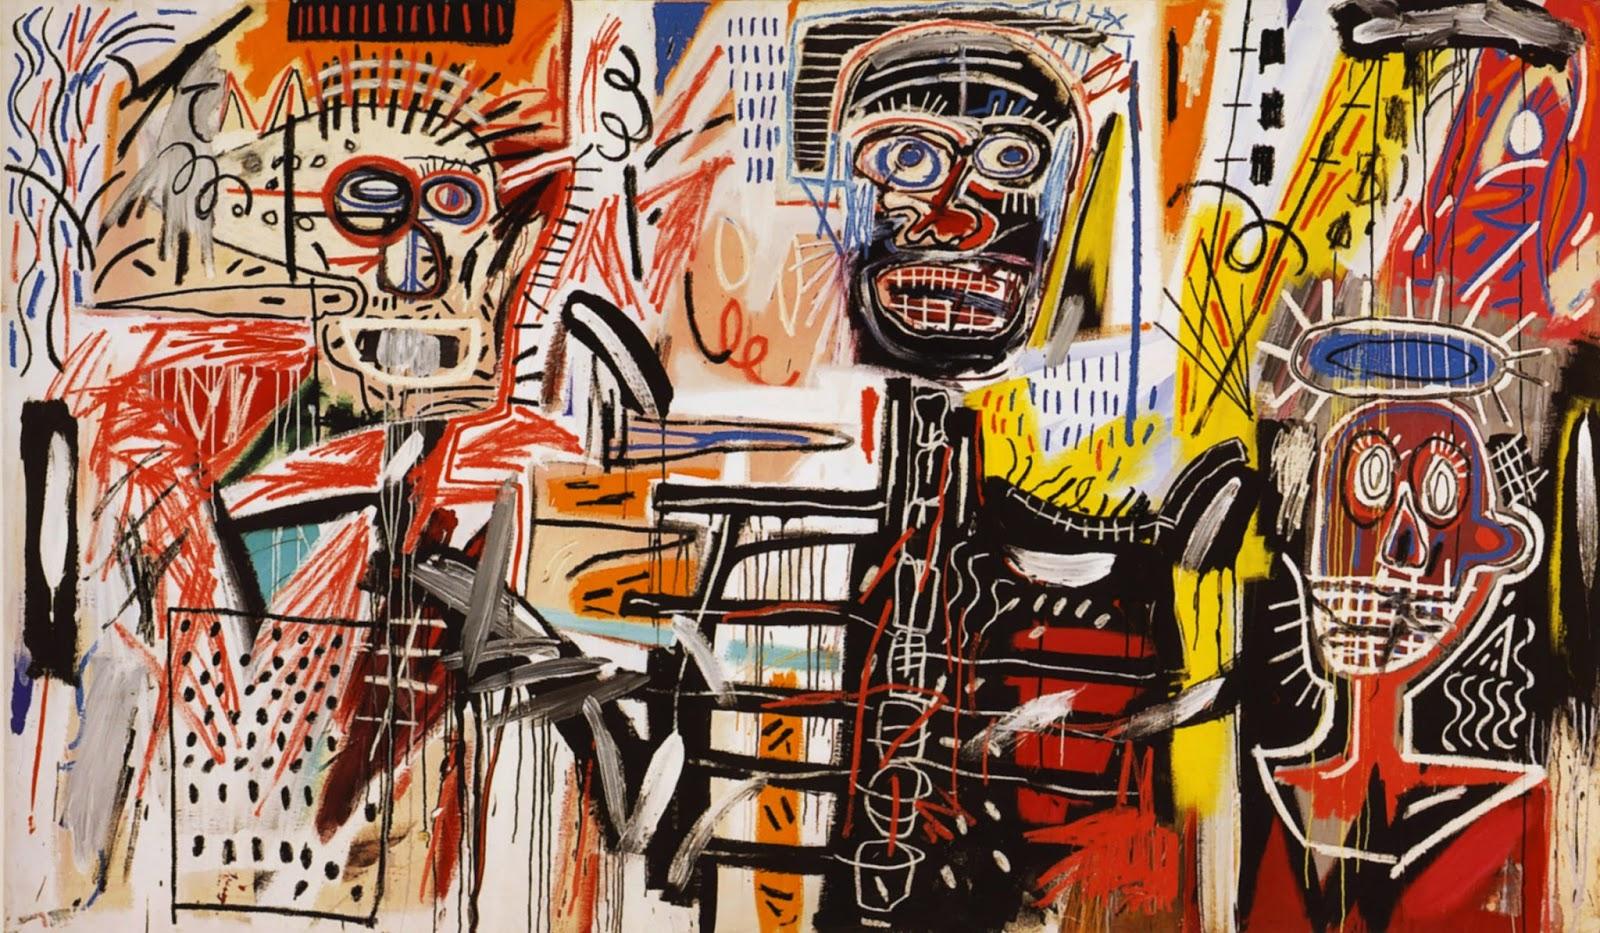 Philistines-Jean-Michel-Basquiat